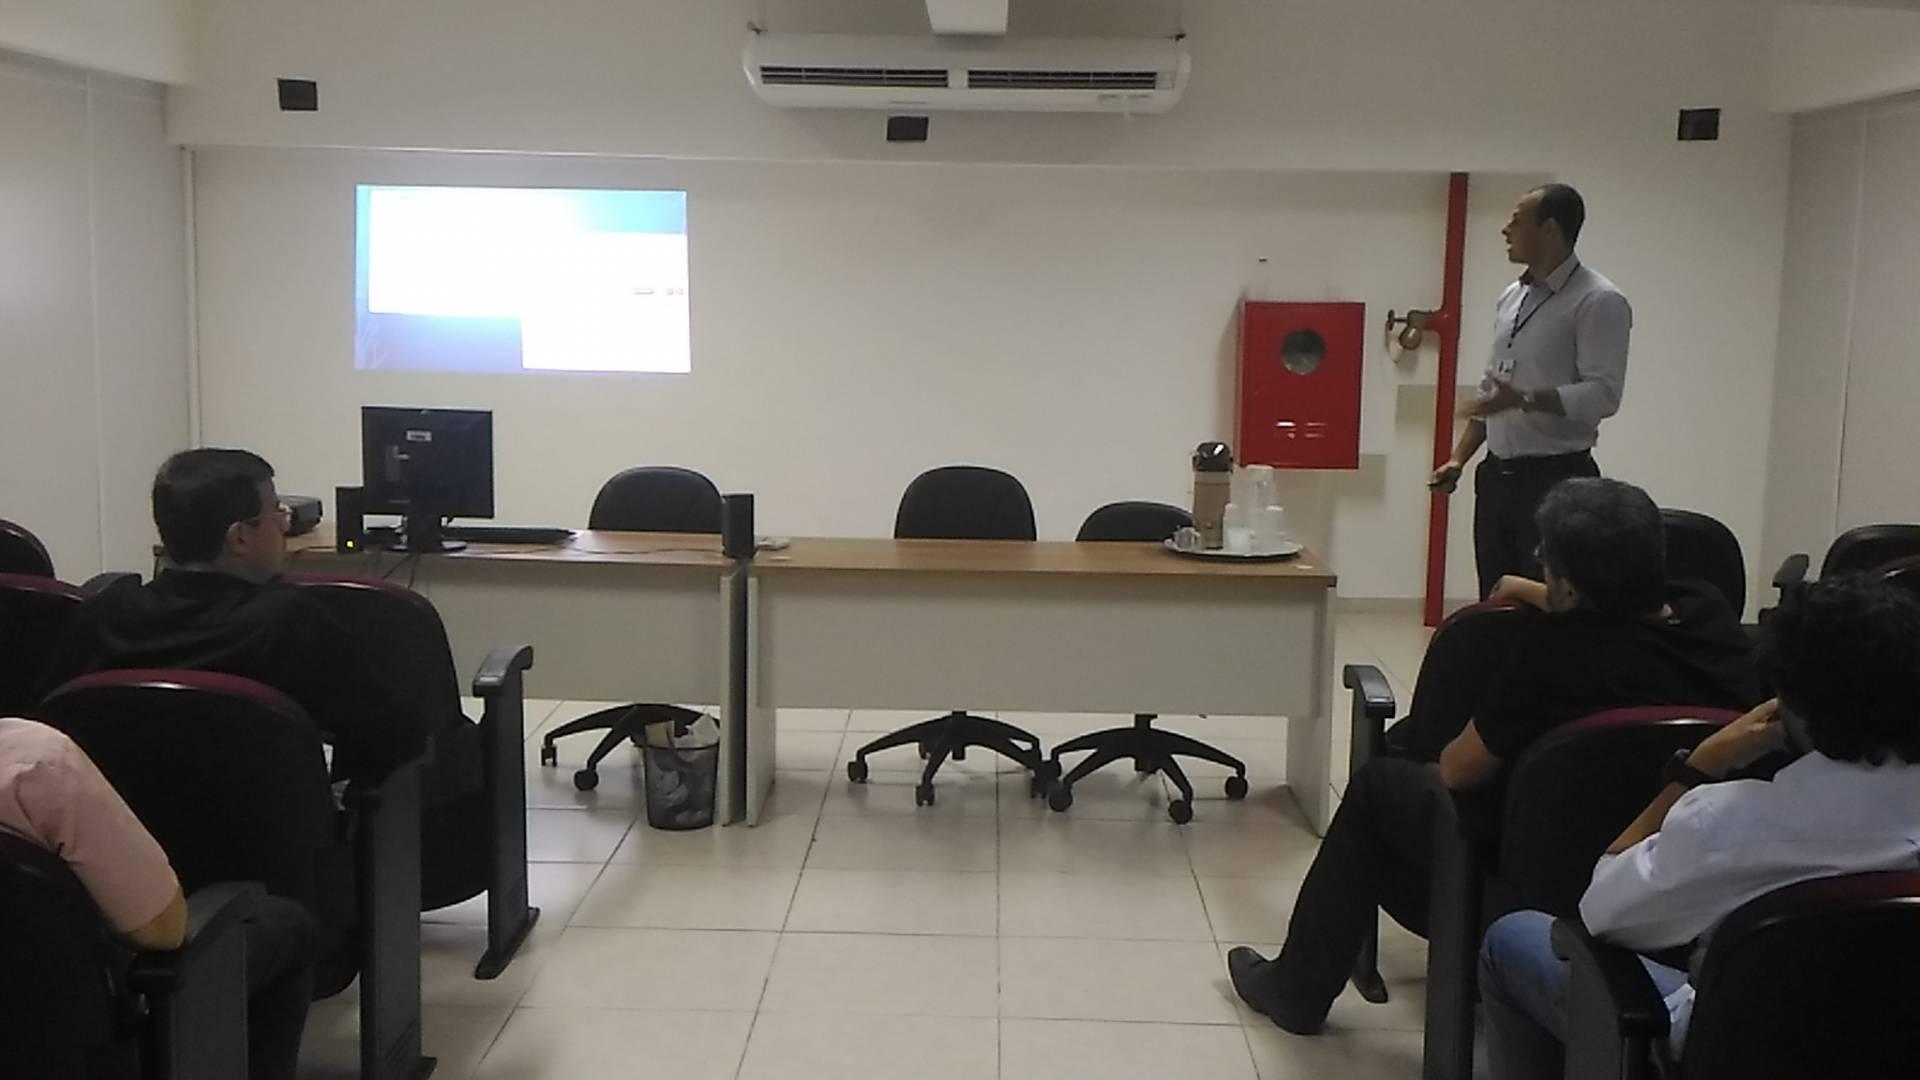 Fiscal de Tributos Nylfson Borges em palestra sobre Segurança Orgânica.